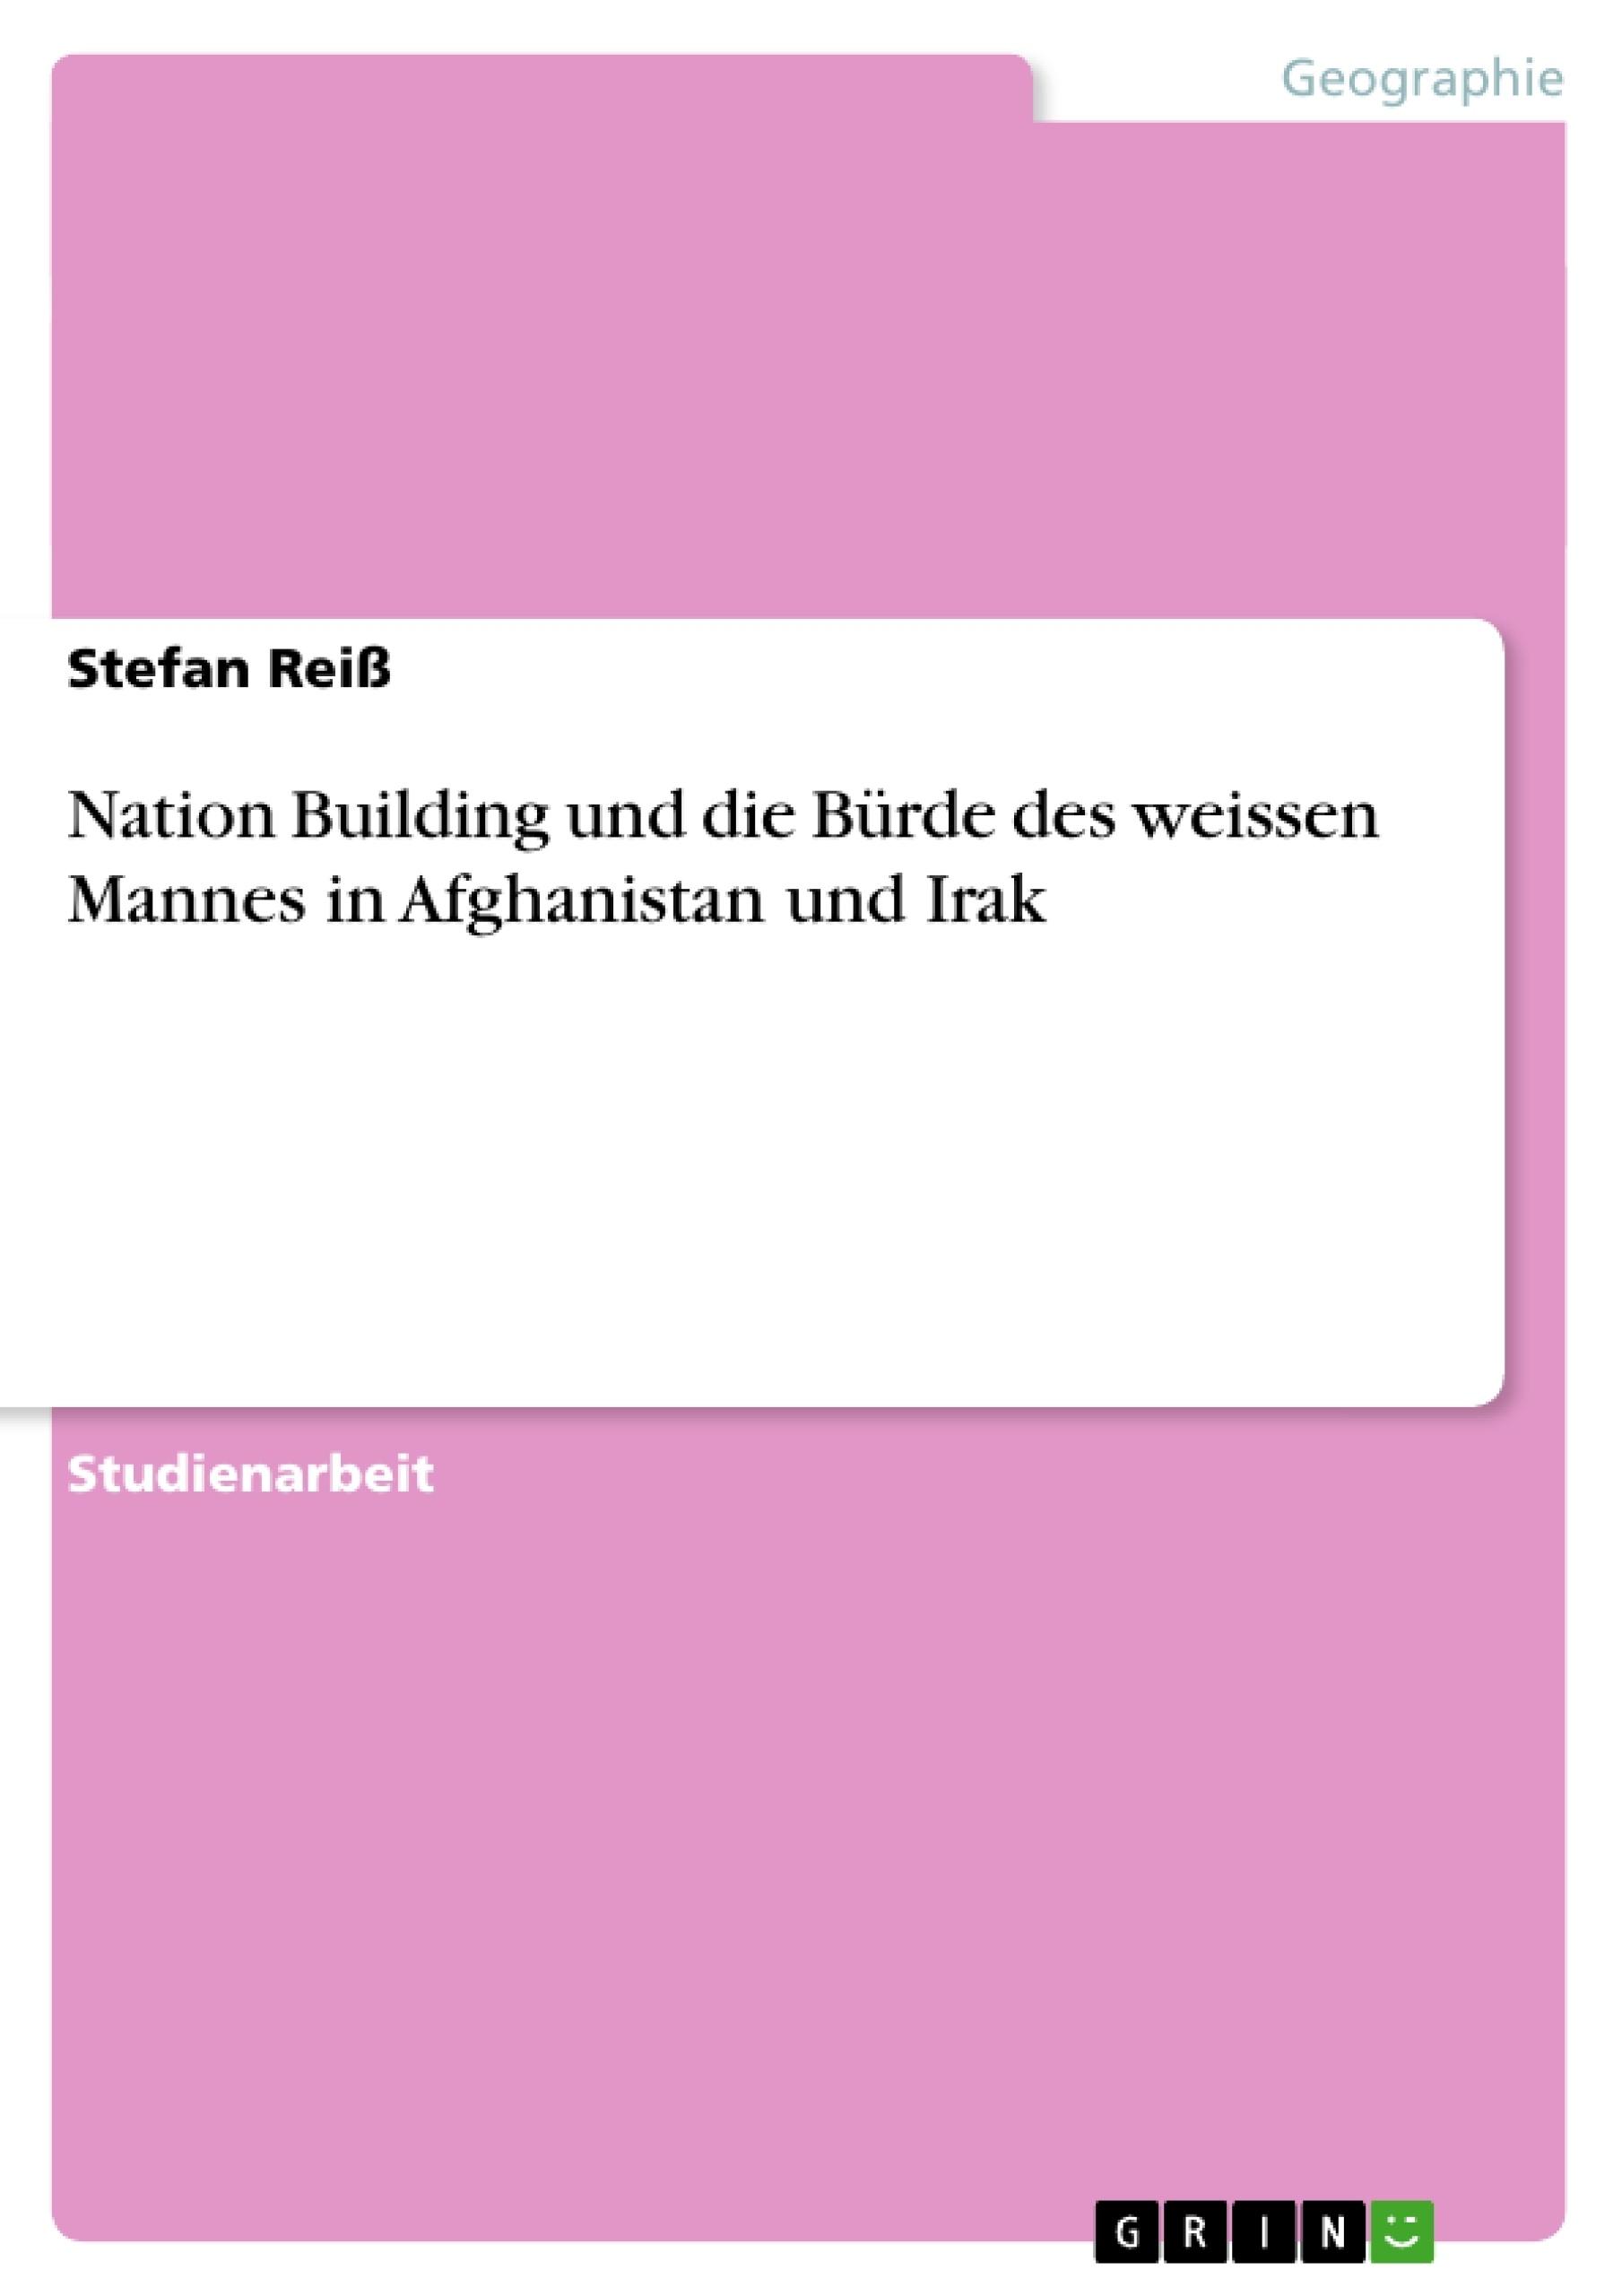 Titel: Nation Building und die  Bürde des weissen Mannes in Afghanistan und Irak